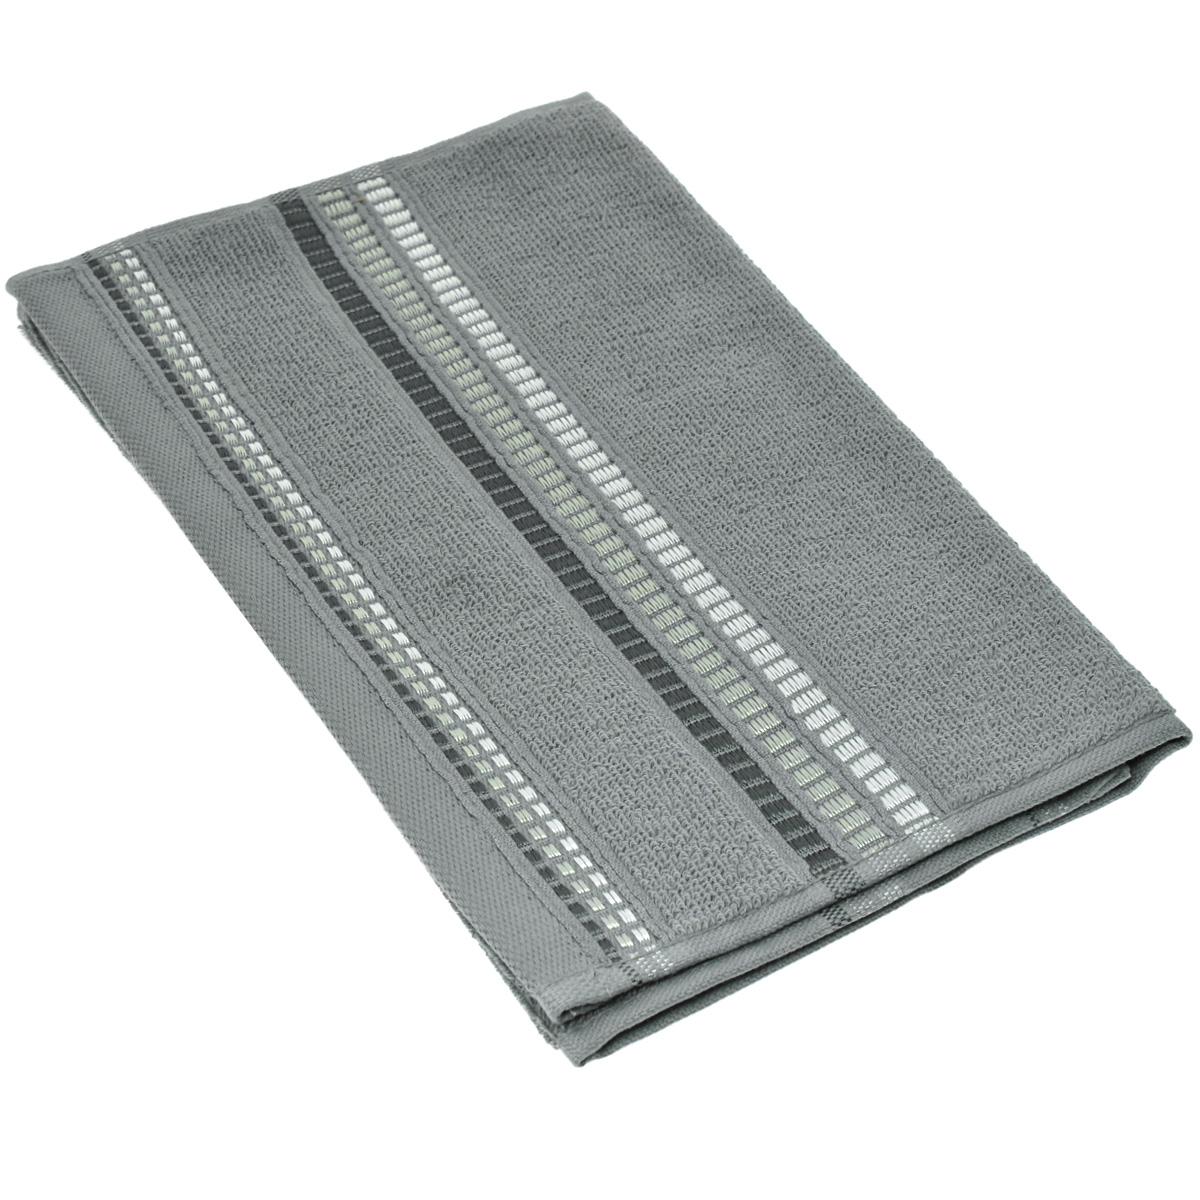 Полотенце махровое Coronet Пиано, цвет: светло-серый, 30 см х 50 смES-412Махровое полотенце Coronet Пиано, изготовленное из натурального хлопка, подарит массу положительных эмоций и приятных ощущений. Полотенце отличается нежностью и мягкостью материала, утонченным дизайном и превосходным качеством. Оно прекрасно впитывает влагу, быстро сохнет и не теряет своих свойств после многократных стирок. Махровое полотенце Coronet Пиано станет достойным выбором для вас и приятным подарком для ваших близких. Мягкость и высокое качество материала, из которого изготовлены полотенца не оставит вас равнодушными.